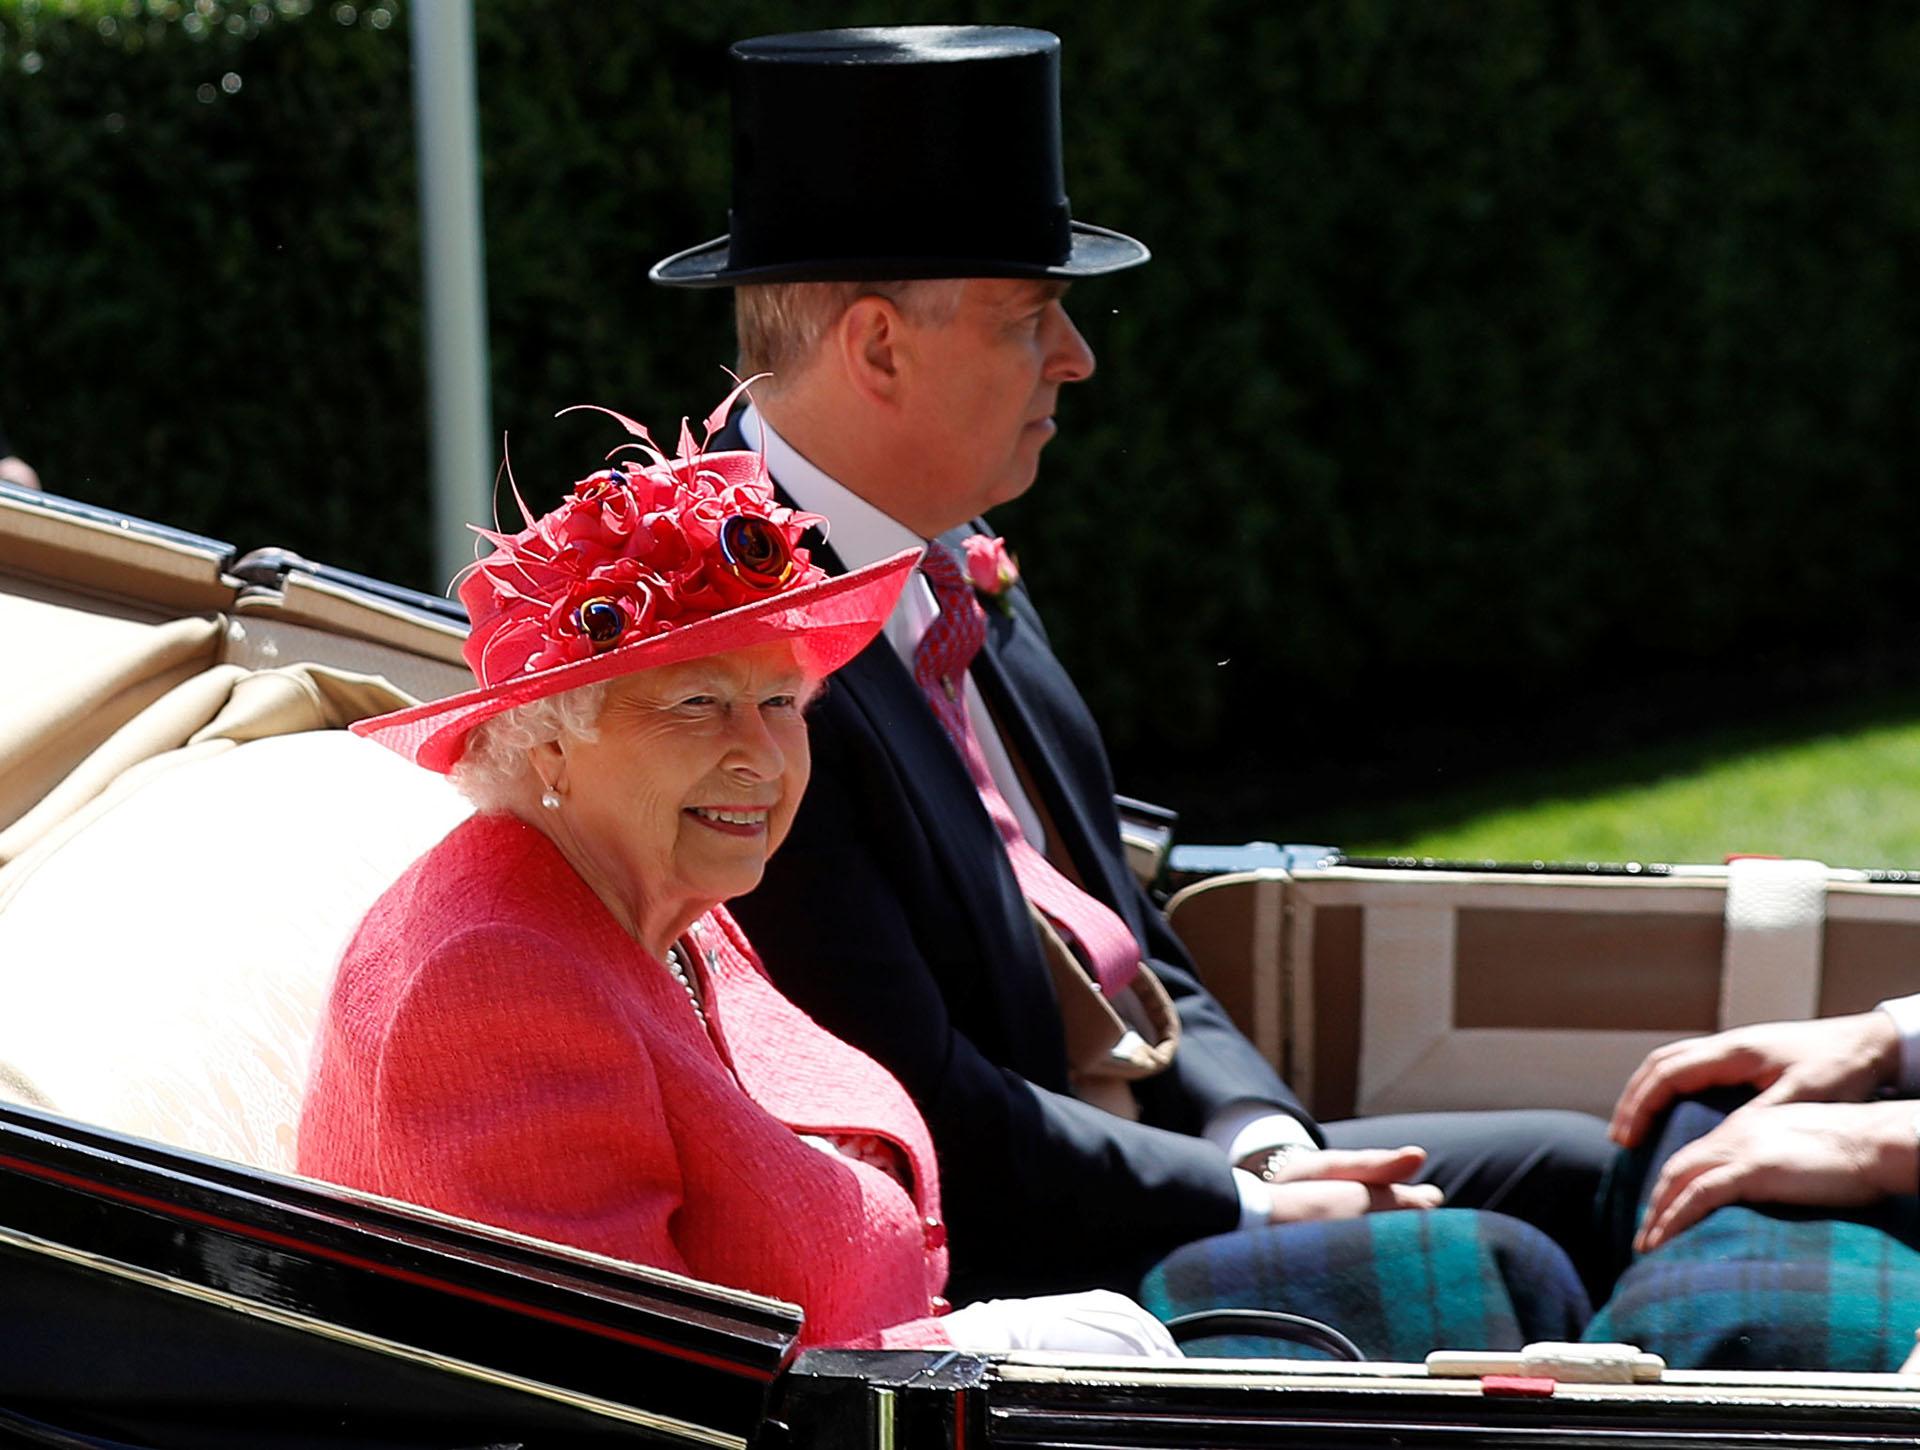 La monarca junto a uno de sus hijos, el príncipe Andrés